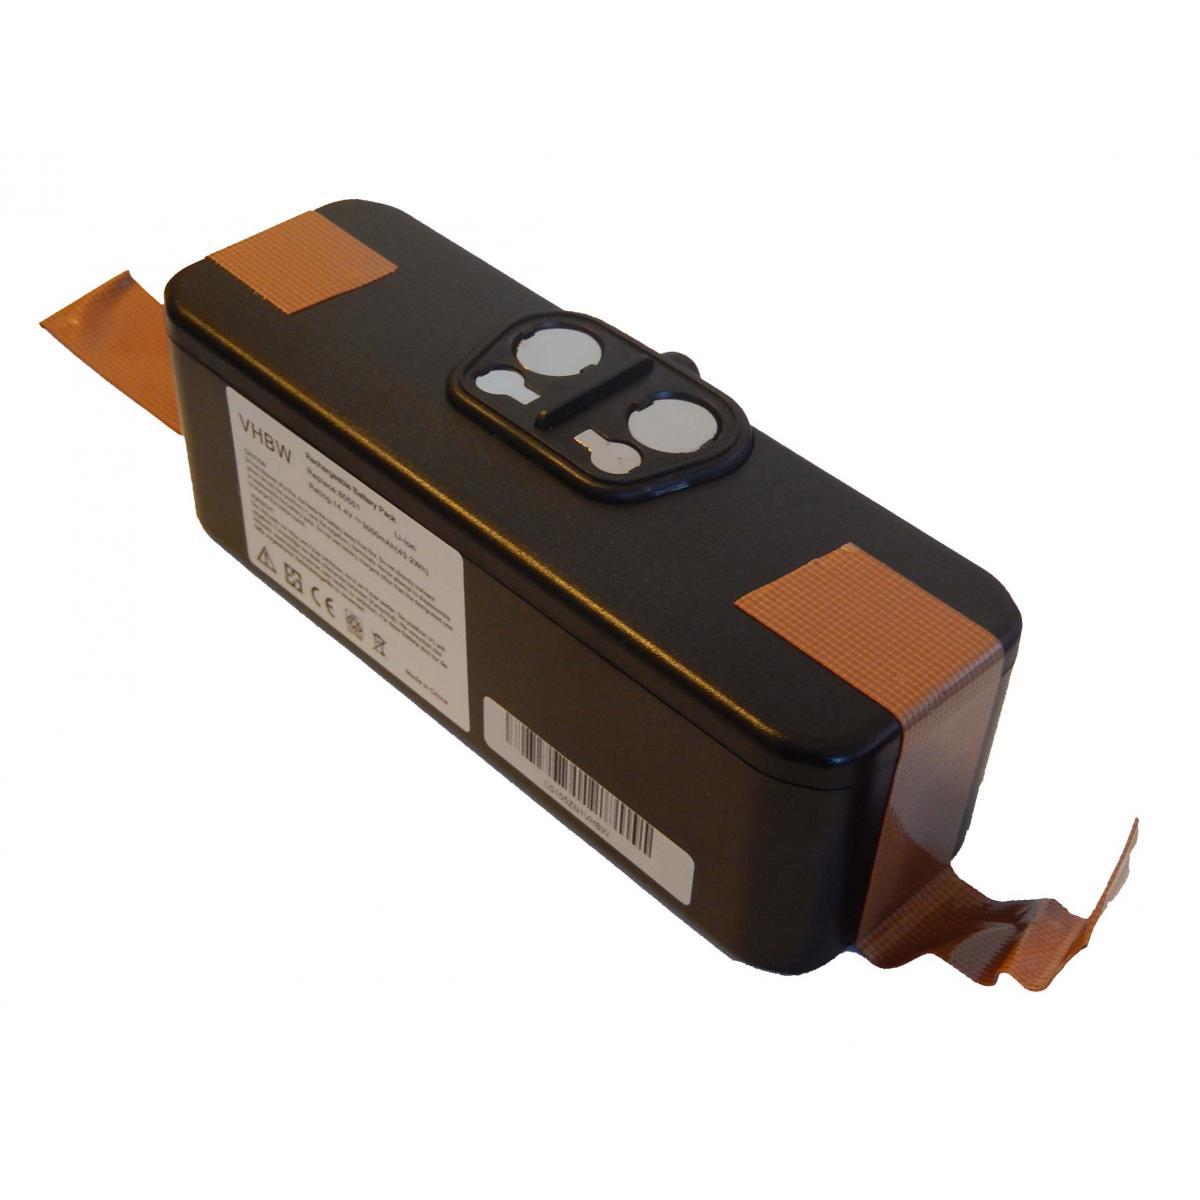 Vhbw vhbw Batterie Li-Ion 3000mAh (14.4V) compatible avec iRobot Roomba 611, Roomba 612, Roomba 614, Roomba 618, Roomba 681,